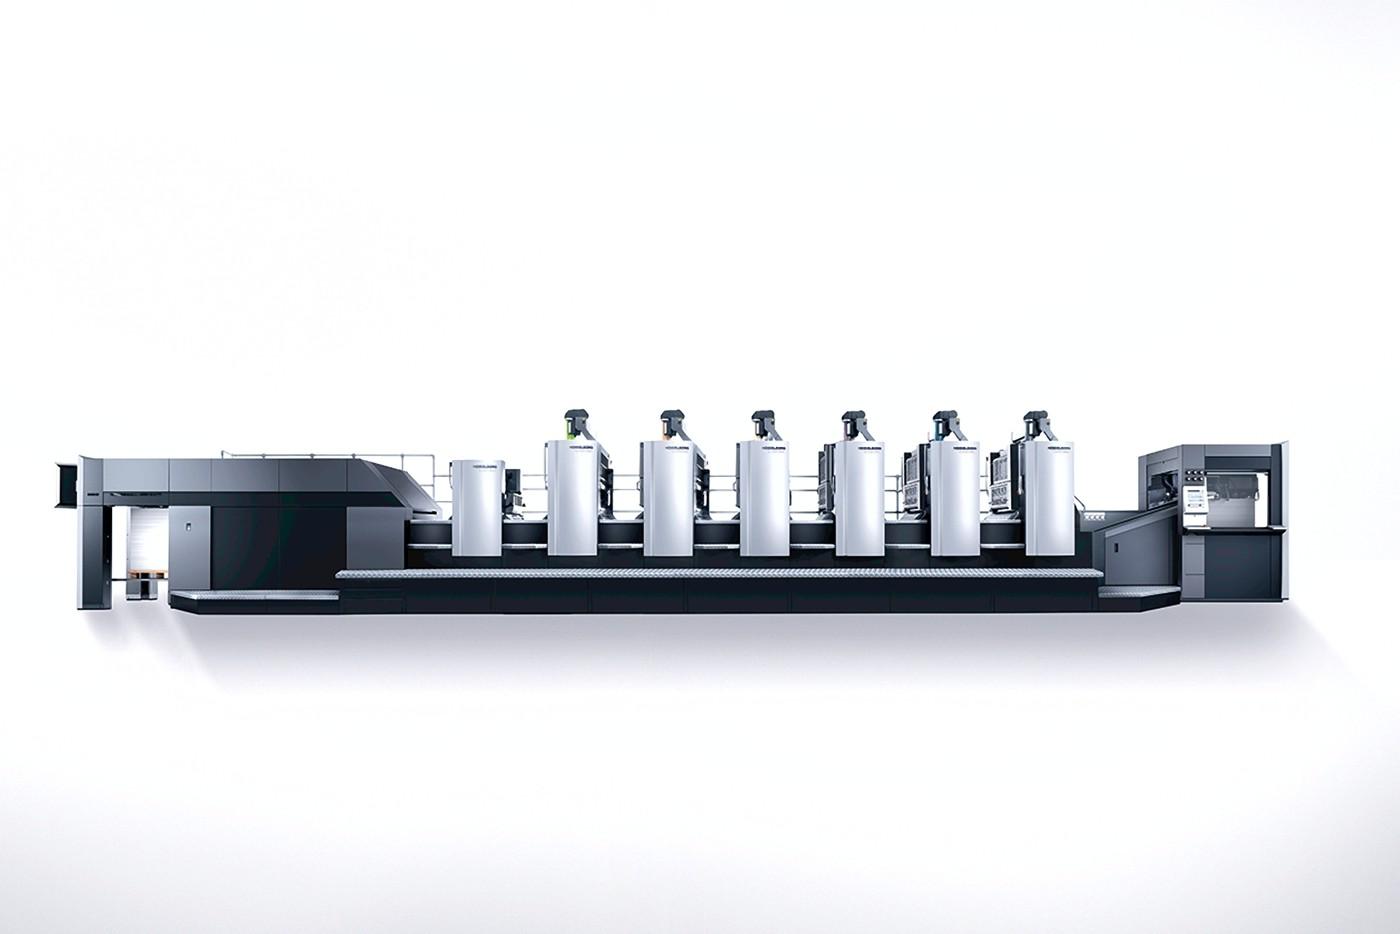 20210211_1_Speedmaser_CX102_6_L